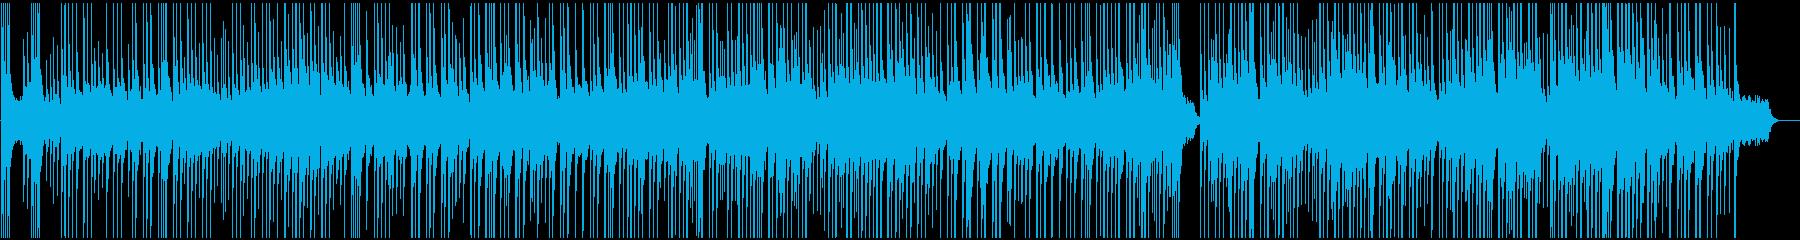 寂しげな別れを連想させるBGMの再生済みの波形